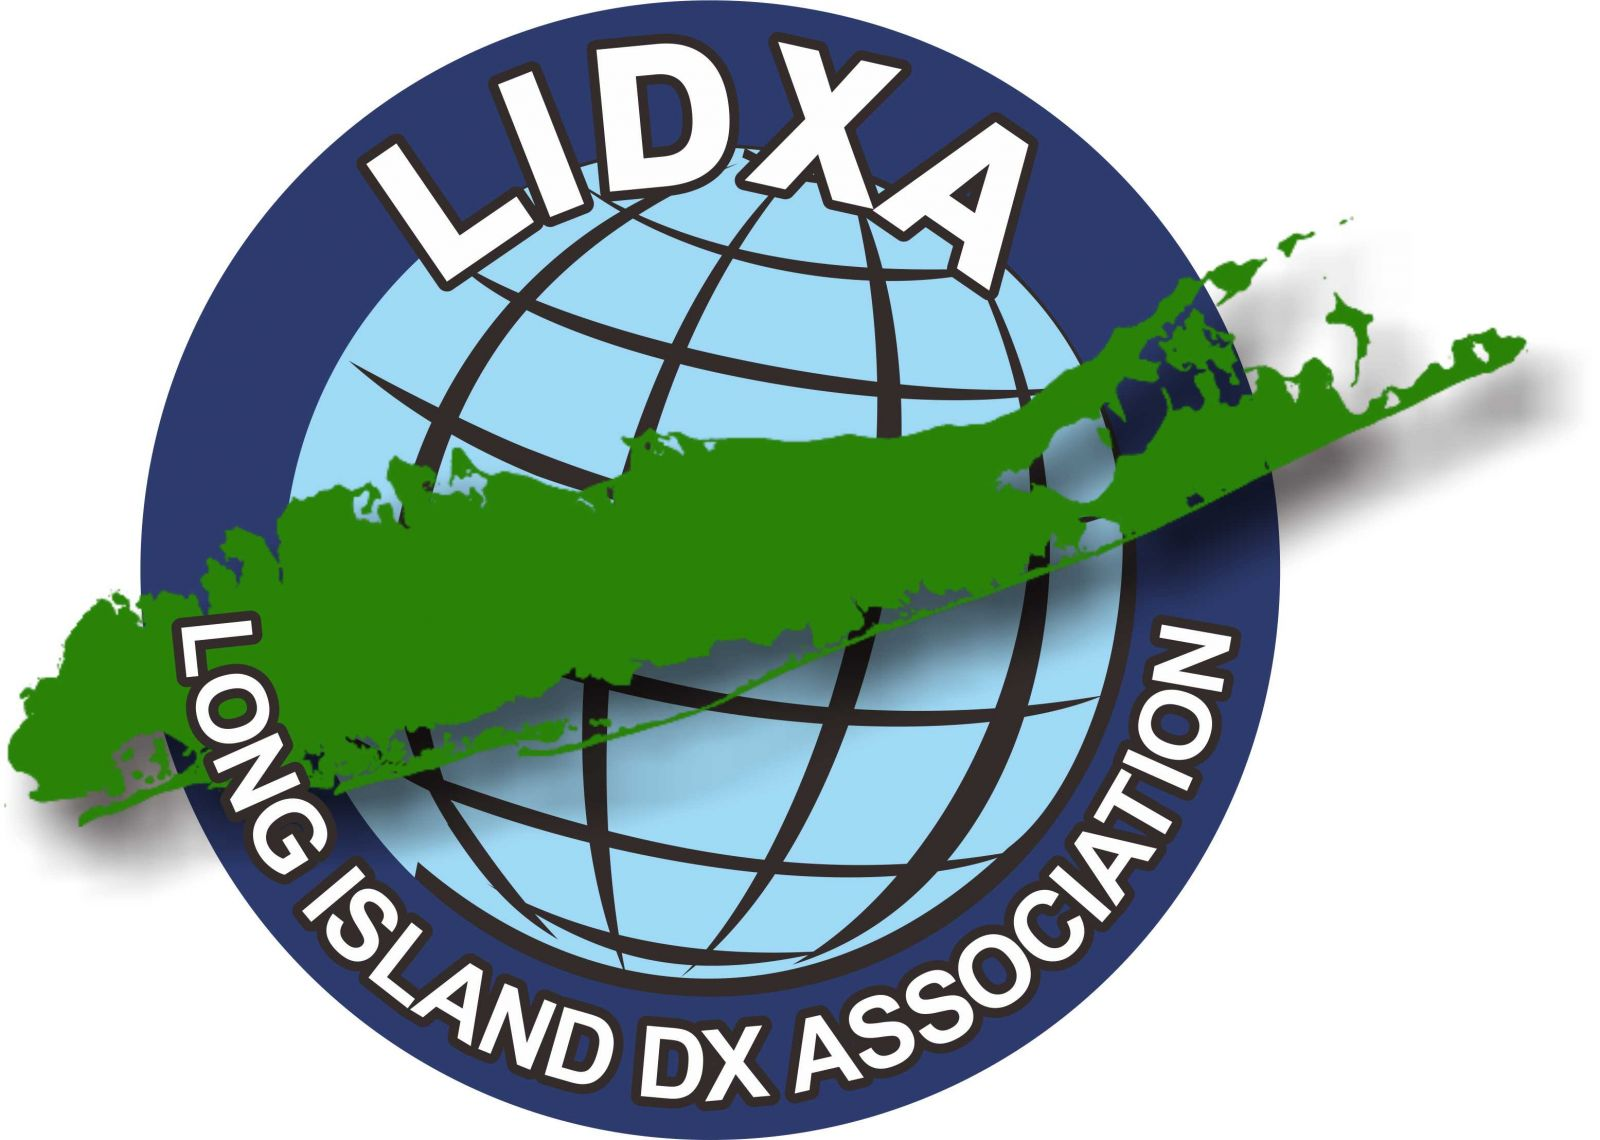 LIDXA